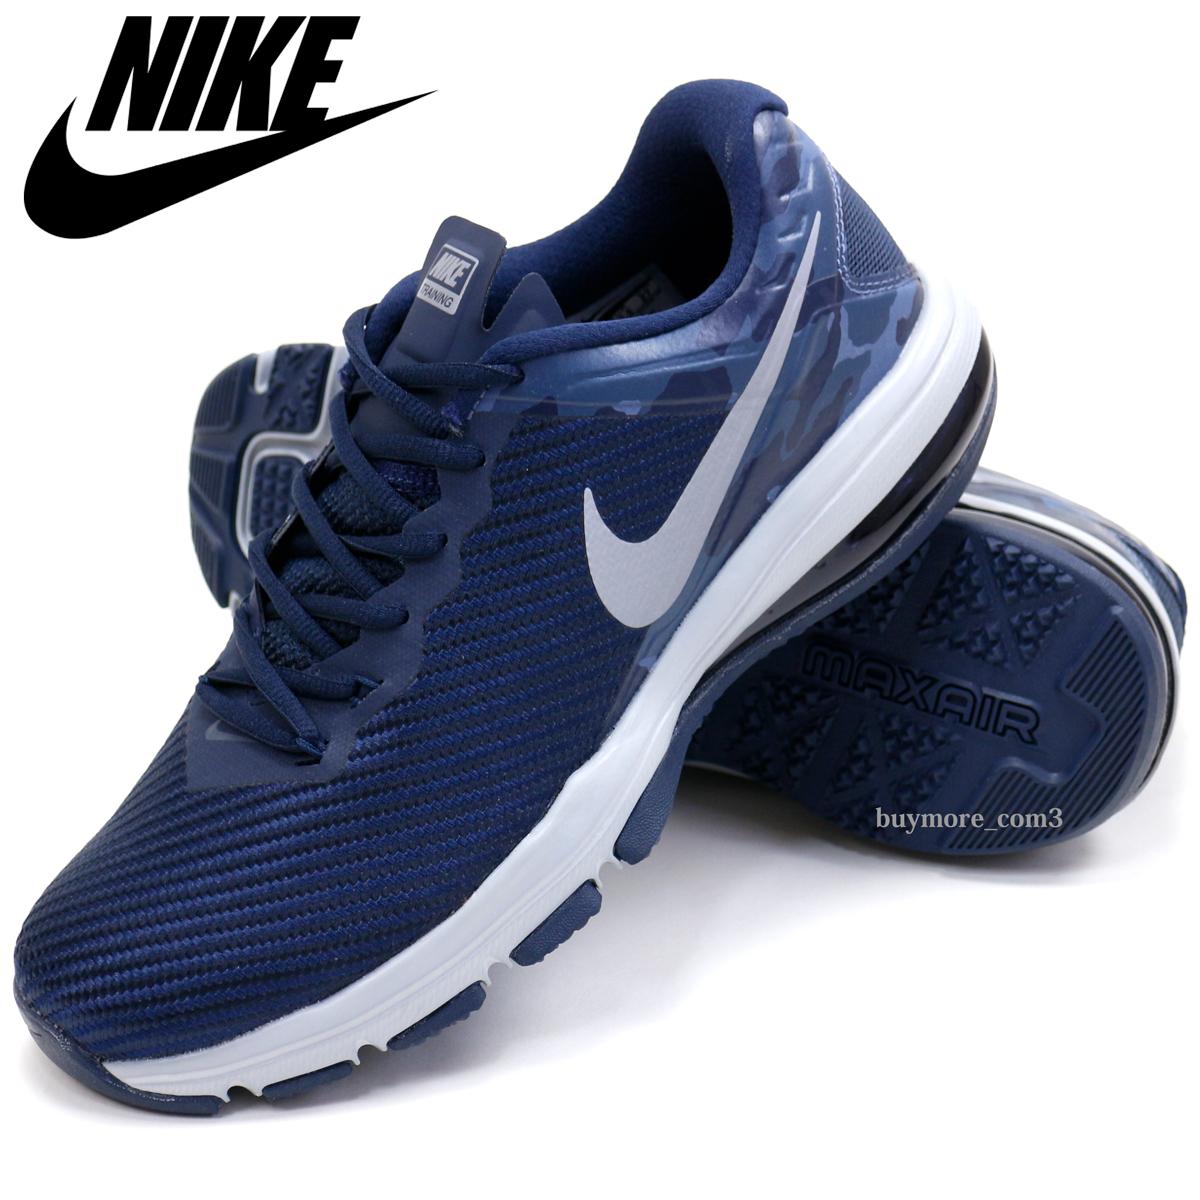 新品 Nike Air Max Full Ride TR 1.5 ナイキ エア マックス フル ライド TR 1.5 スニーカー 28㎝ ネイビーカモ 869633-401 ◆QZ014